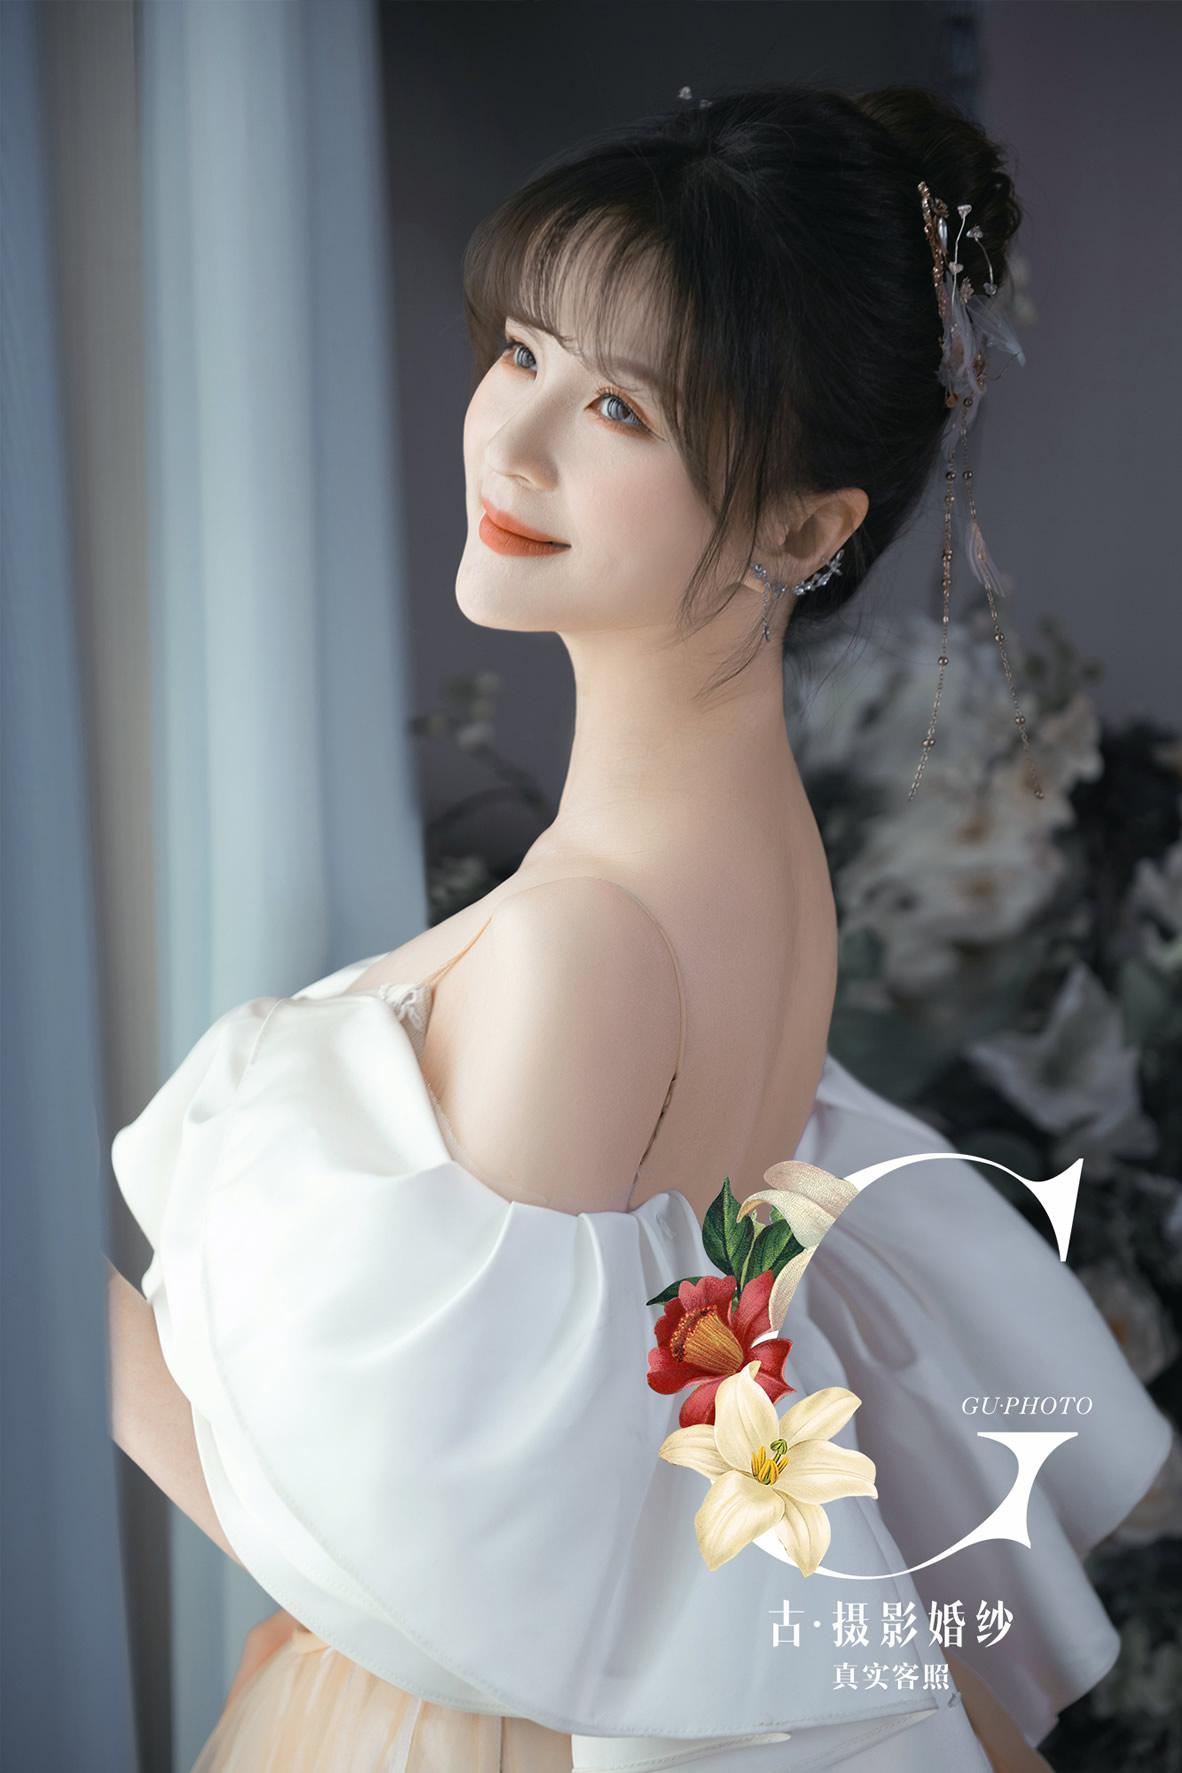 陈先生 李小姐 - 每日客照 - 古摄影婚纱艺术-古摄影成都婚纱摄影艺术摄影网